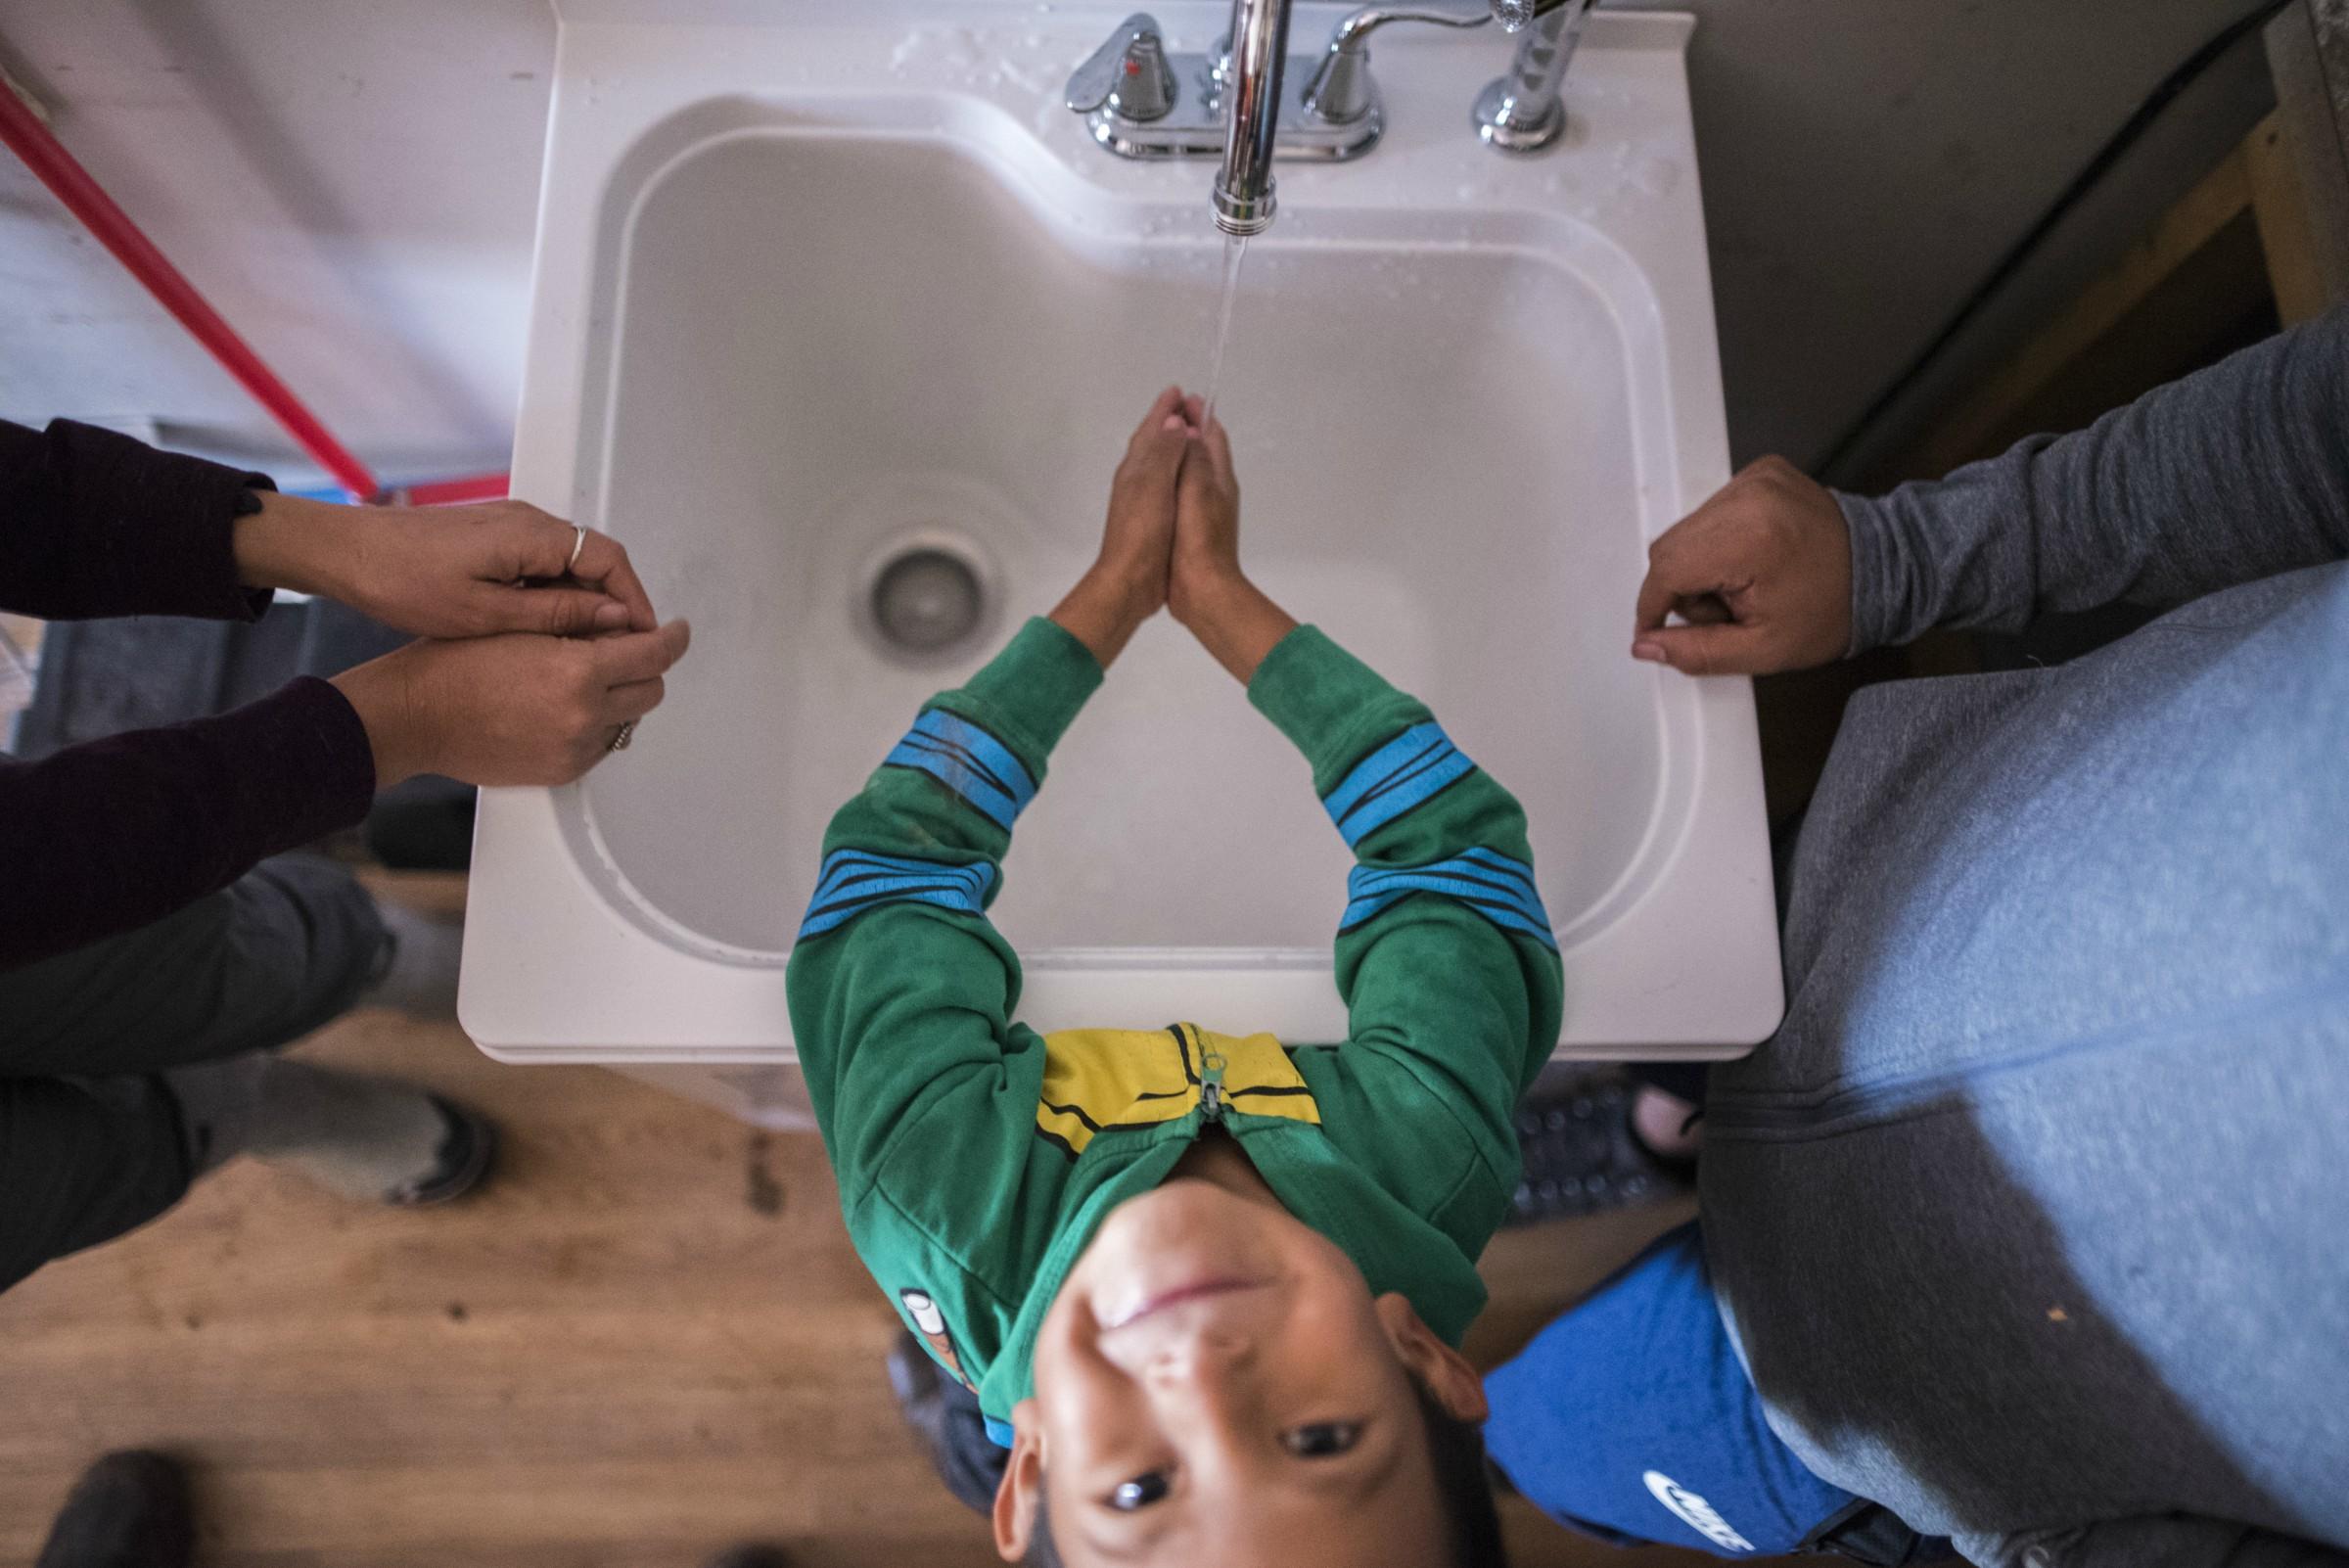 Child washing hands in sink_1 (1)